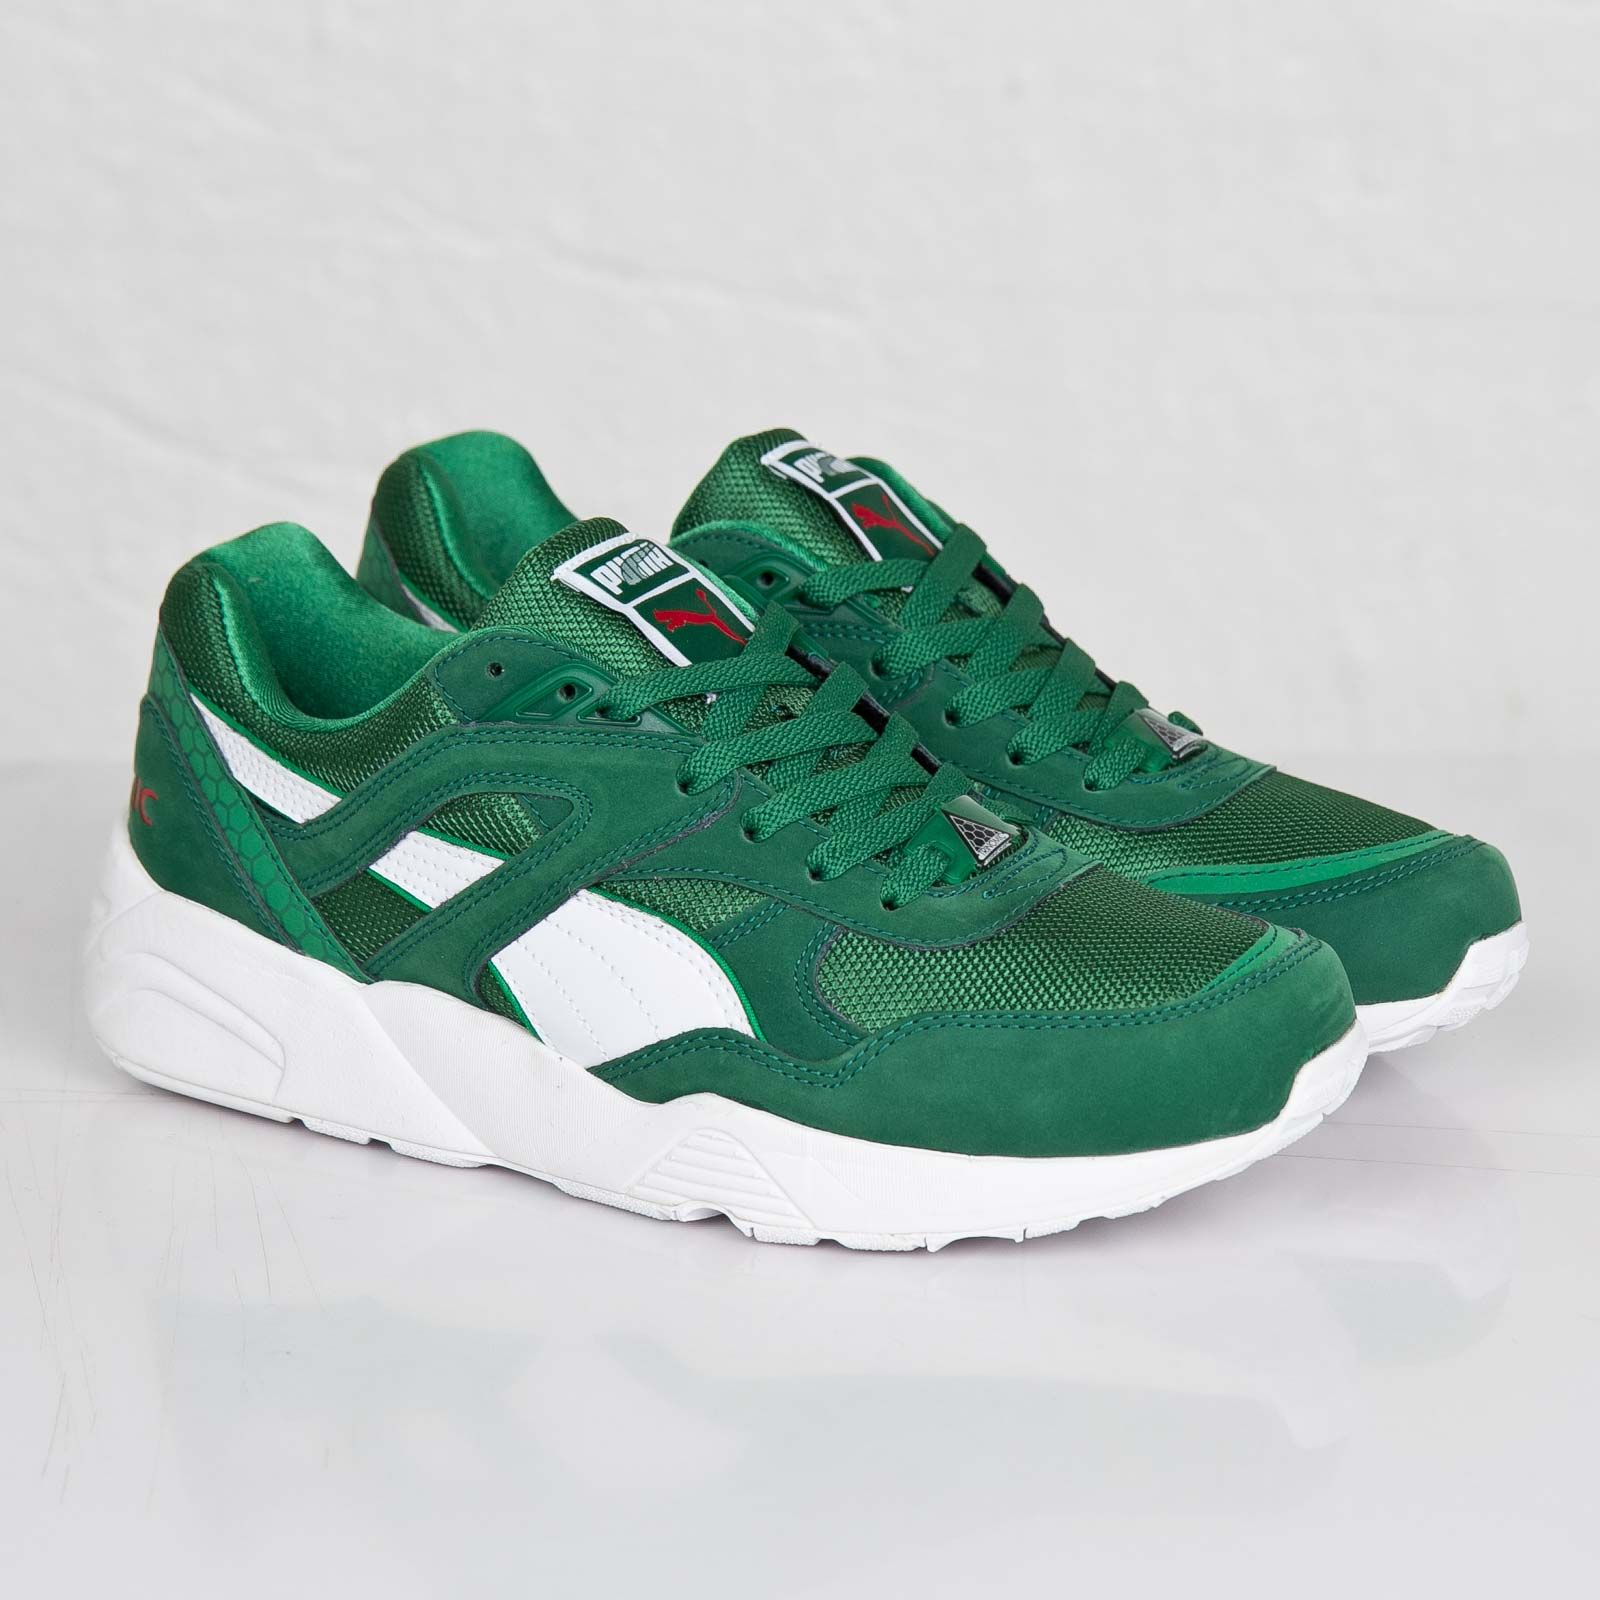 PUMA Trinomic R698 x Green